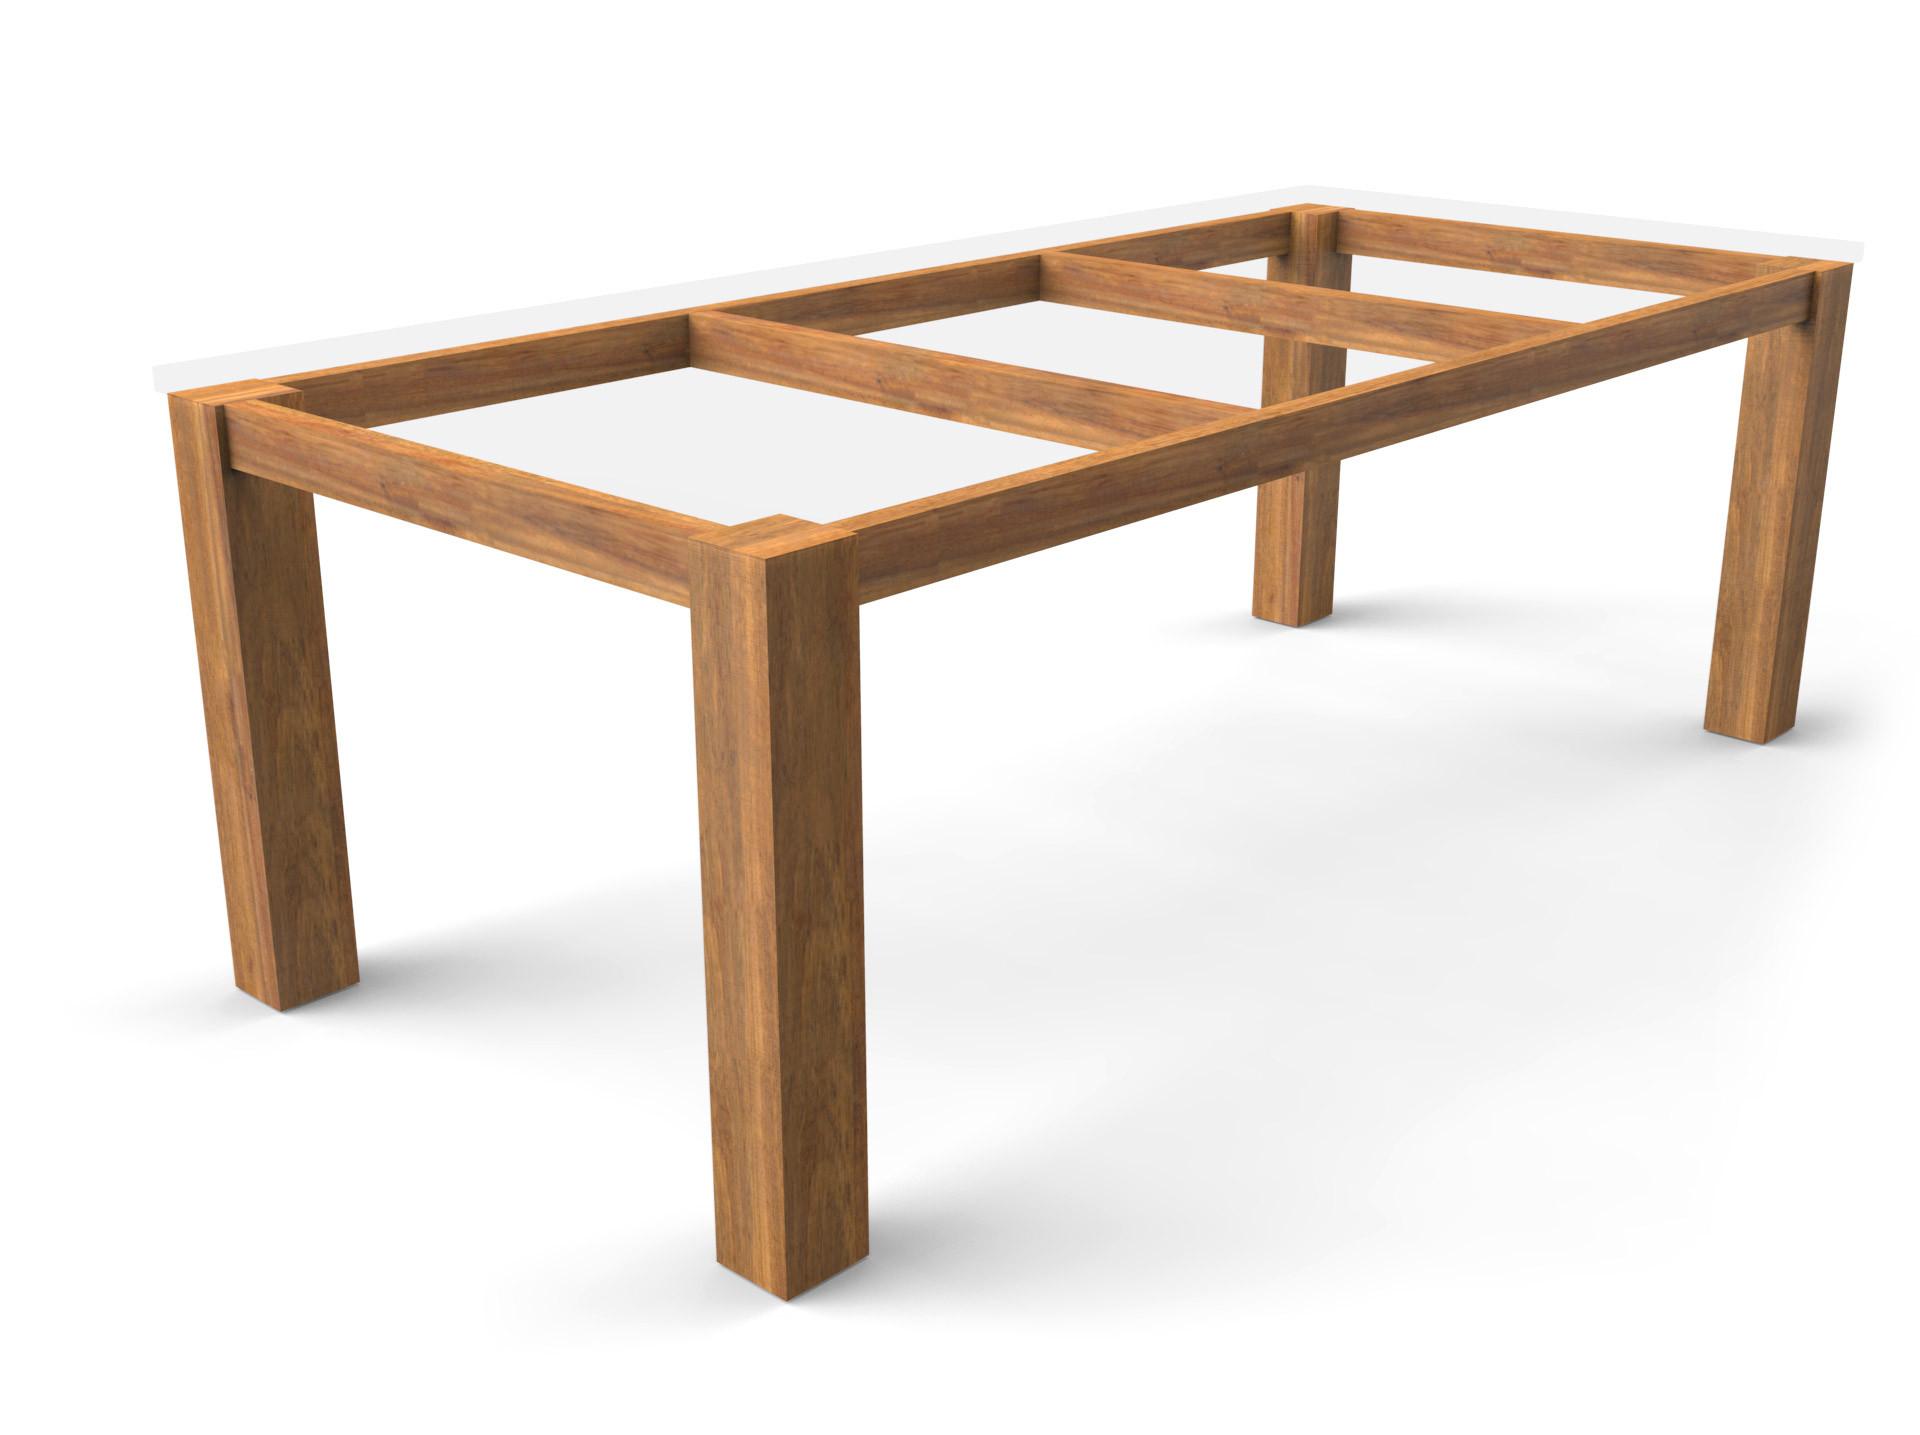 Tischgestell Standard Guariuba Holz